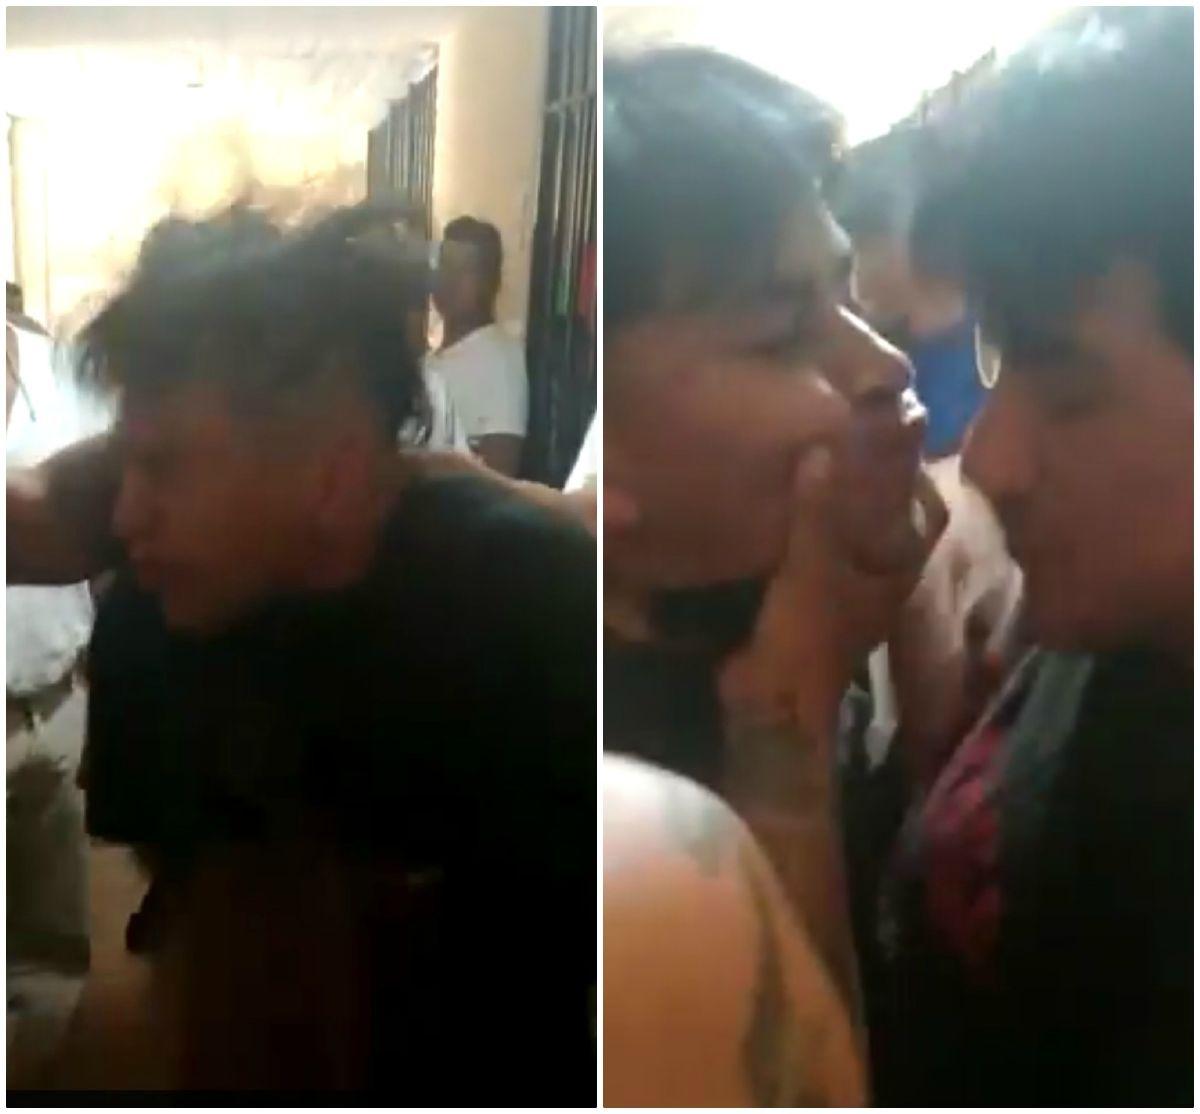 Banda que controla penal en Puebla, México, ataca a cachetadas a reos, los obligan a besarse y comparten video